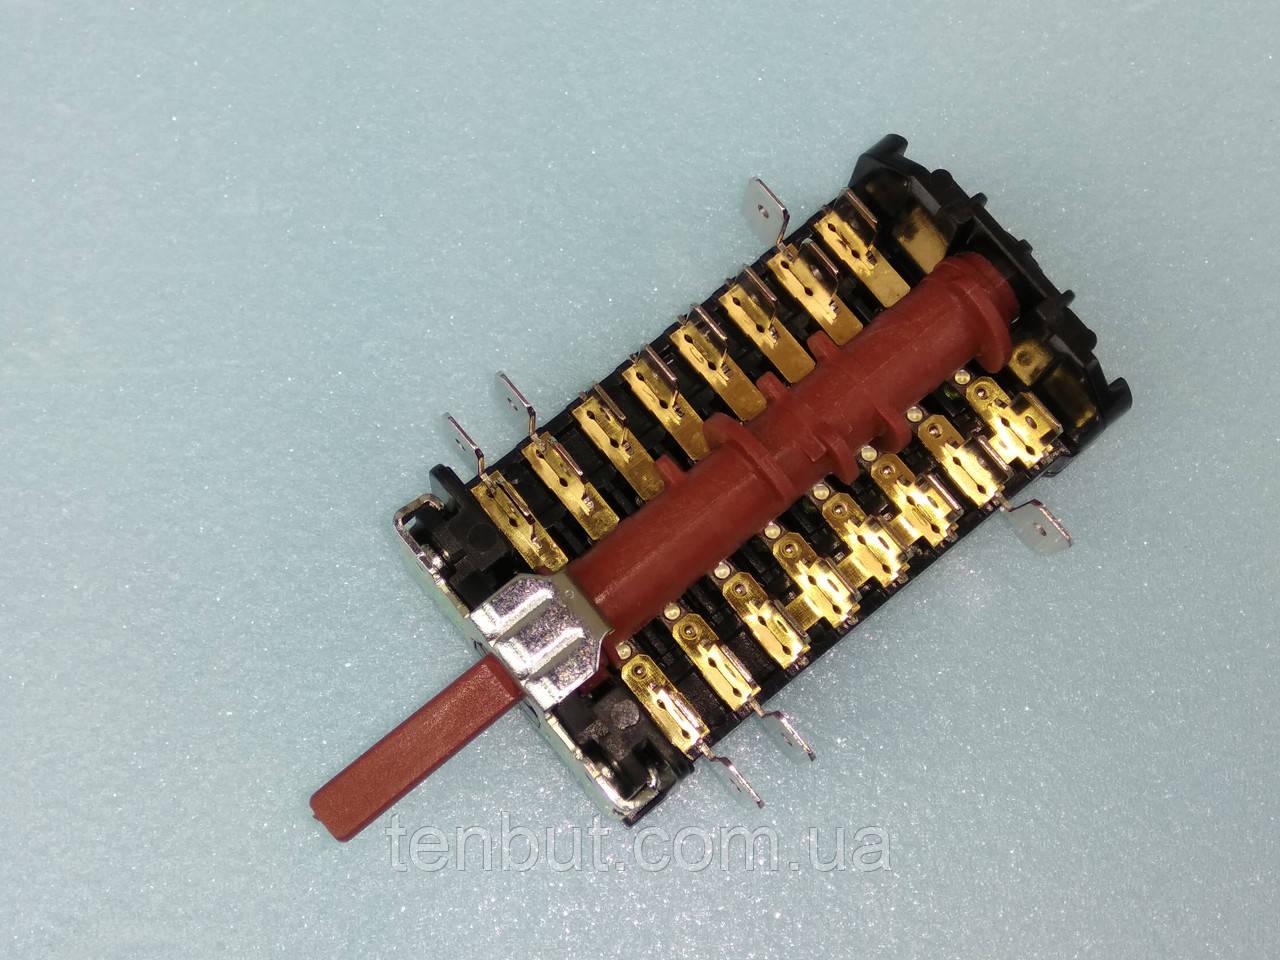 Переключатель 800810к для электроплит Ардо Беко Ханса 10-ти позиционный производство Испания Barcelona